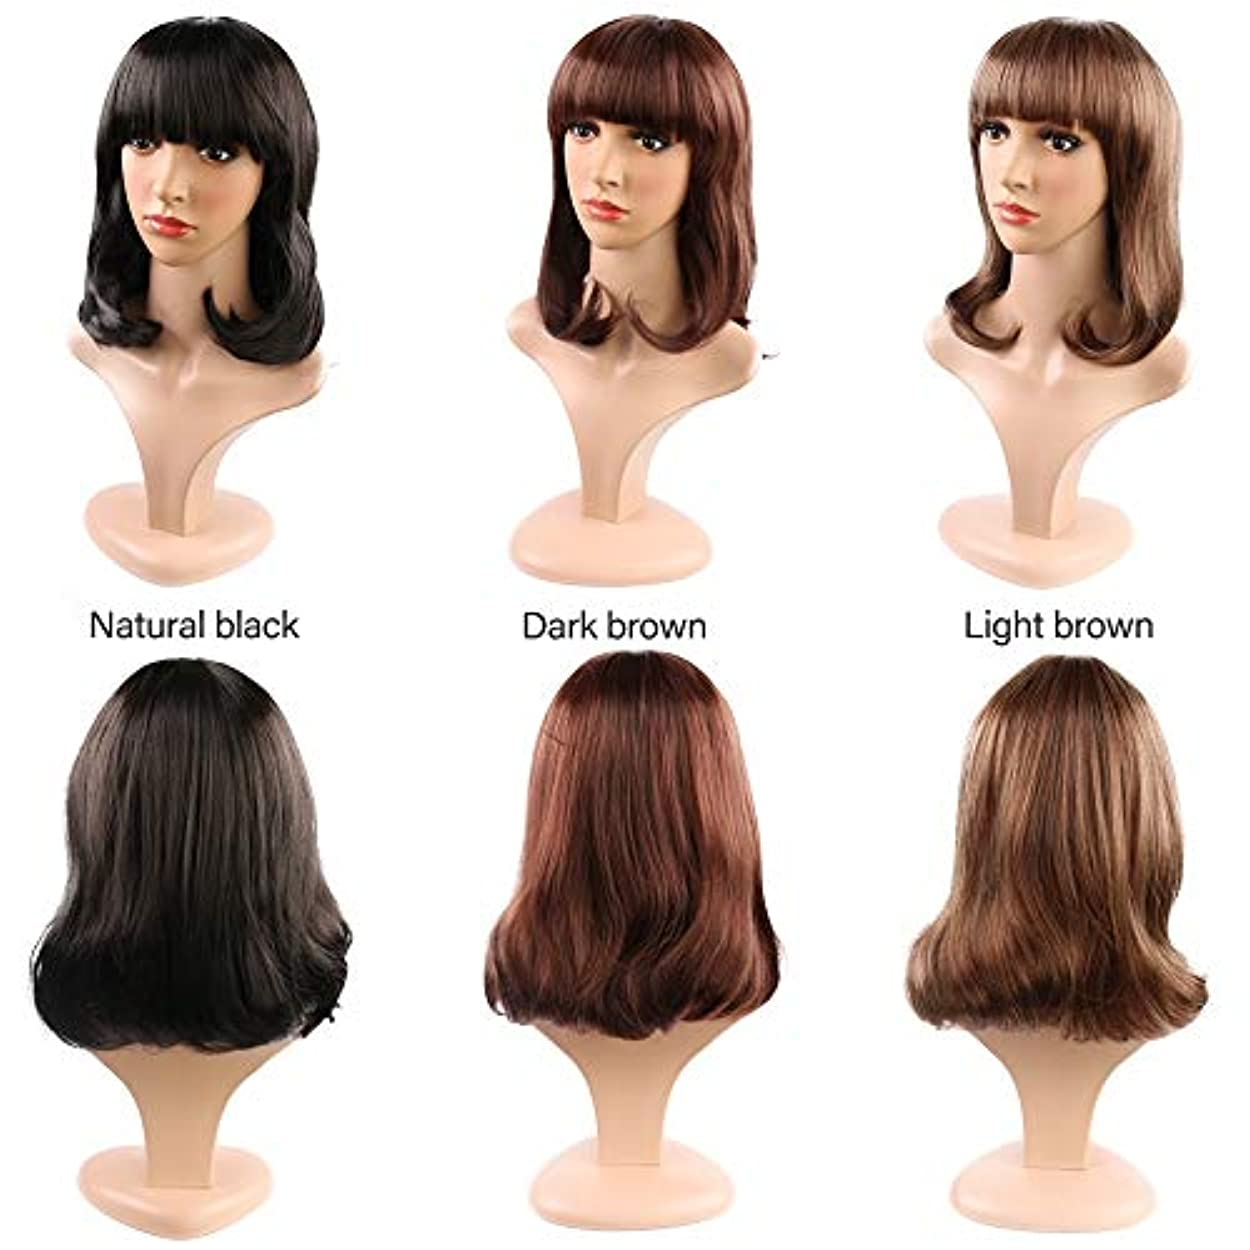 見る人小川料理をする女性のためのストレートフラット前髪ショートボブウィッグ合成かつら耐熱完全な頭部の髪の交換ウィッグミディアムの長さ (Color : Light Brown)